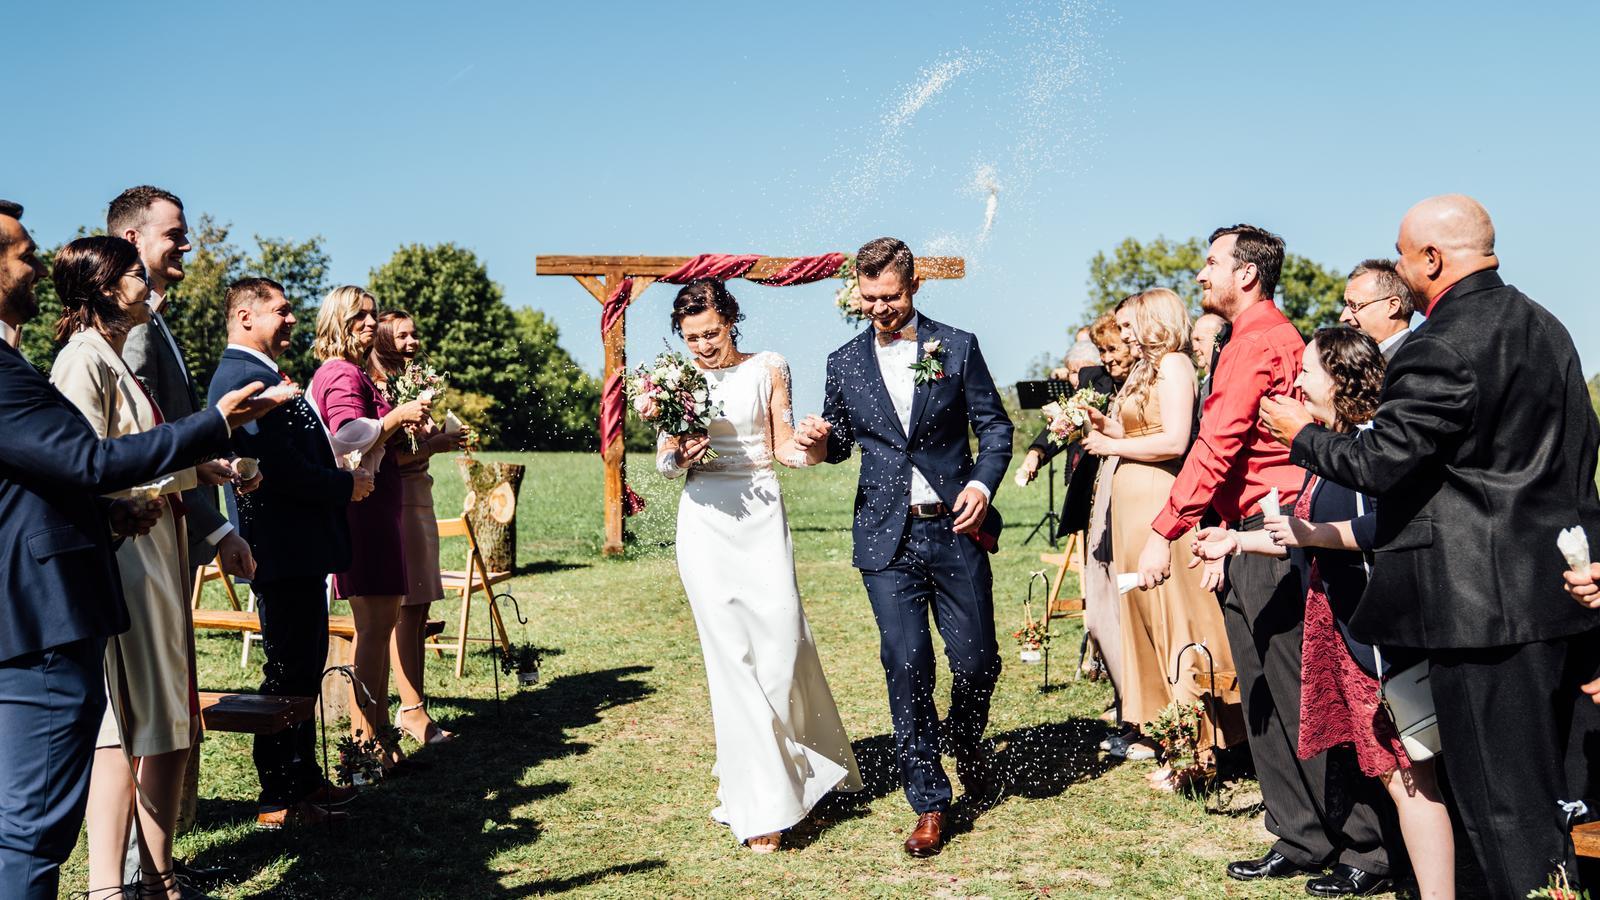 Kateřina & Tomáš (Podzimní svatba 2019) - Obrázek č. 16